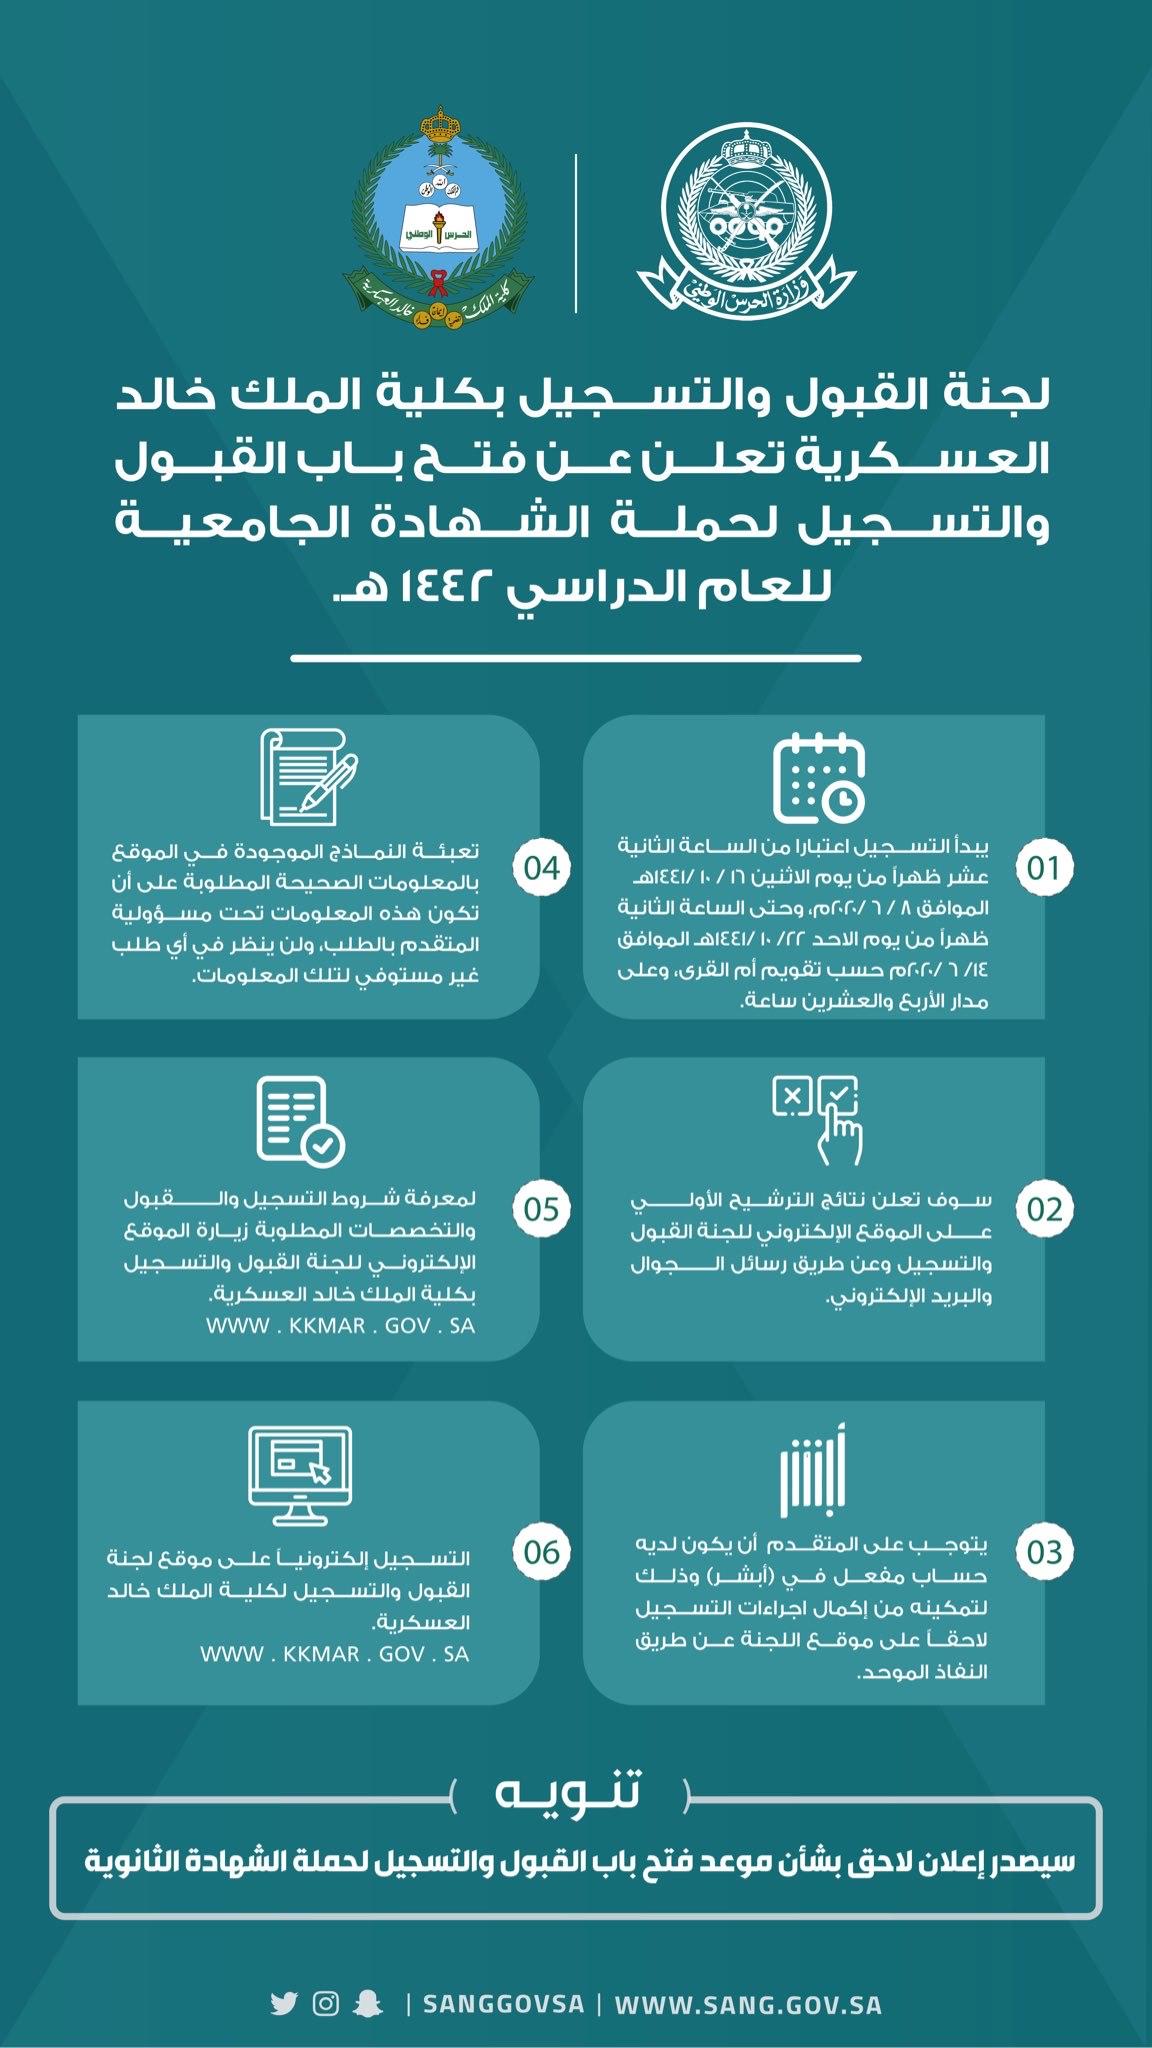 تخصصات كلية الملك خالد العسكرية